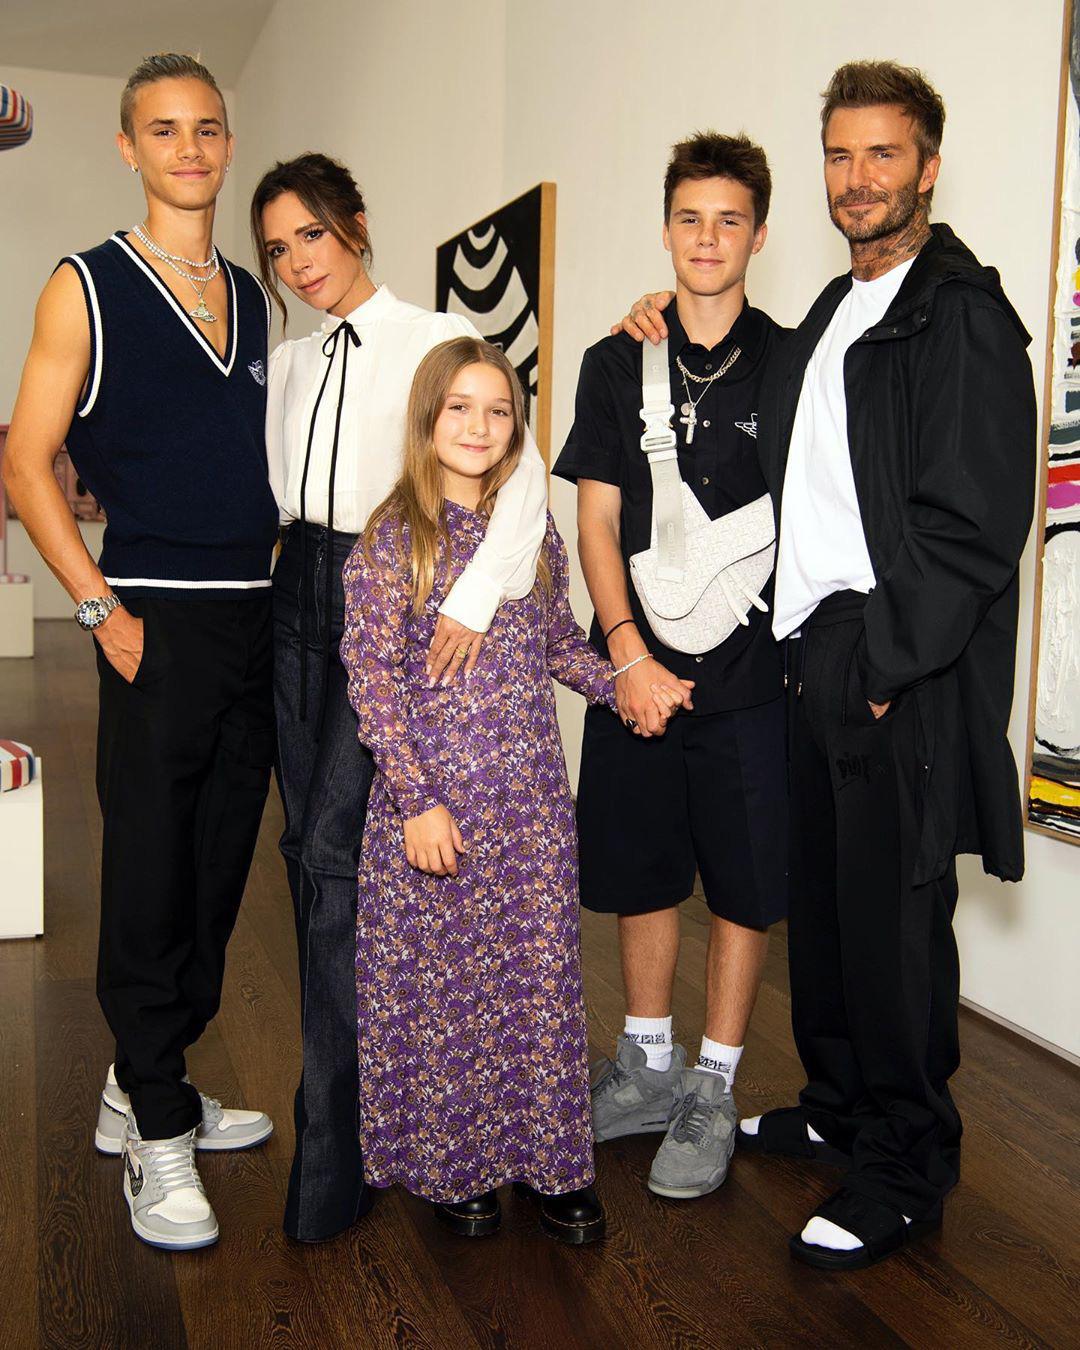 Cô út Harper Beckham xúng xính diện váy do mẹ Vic thiết kế riêng nhưng bộ cánh này lại gây nhiều khen chê trái chiều - Ảnh 2.